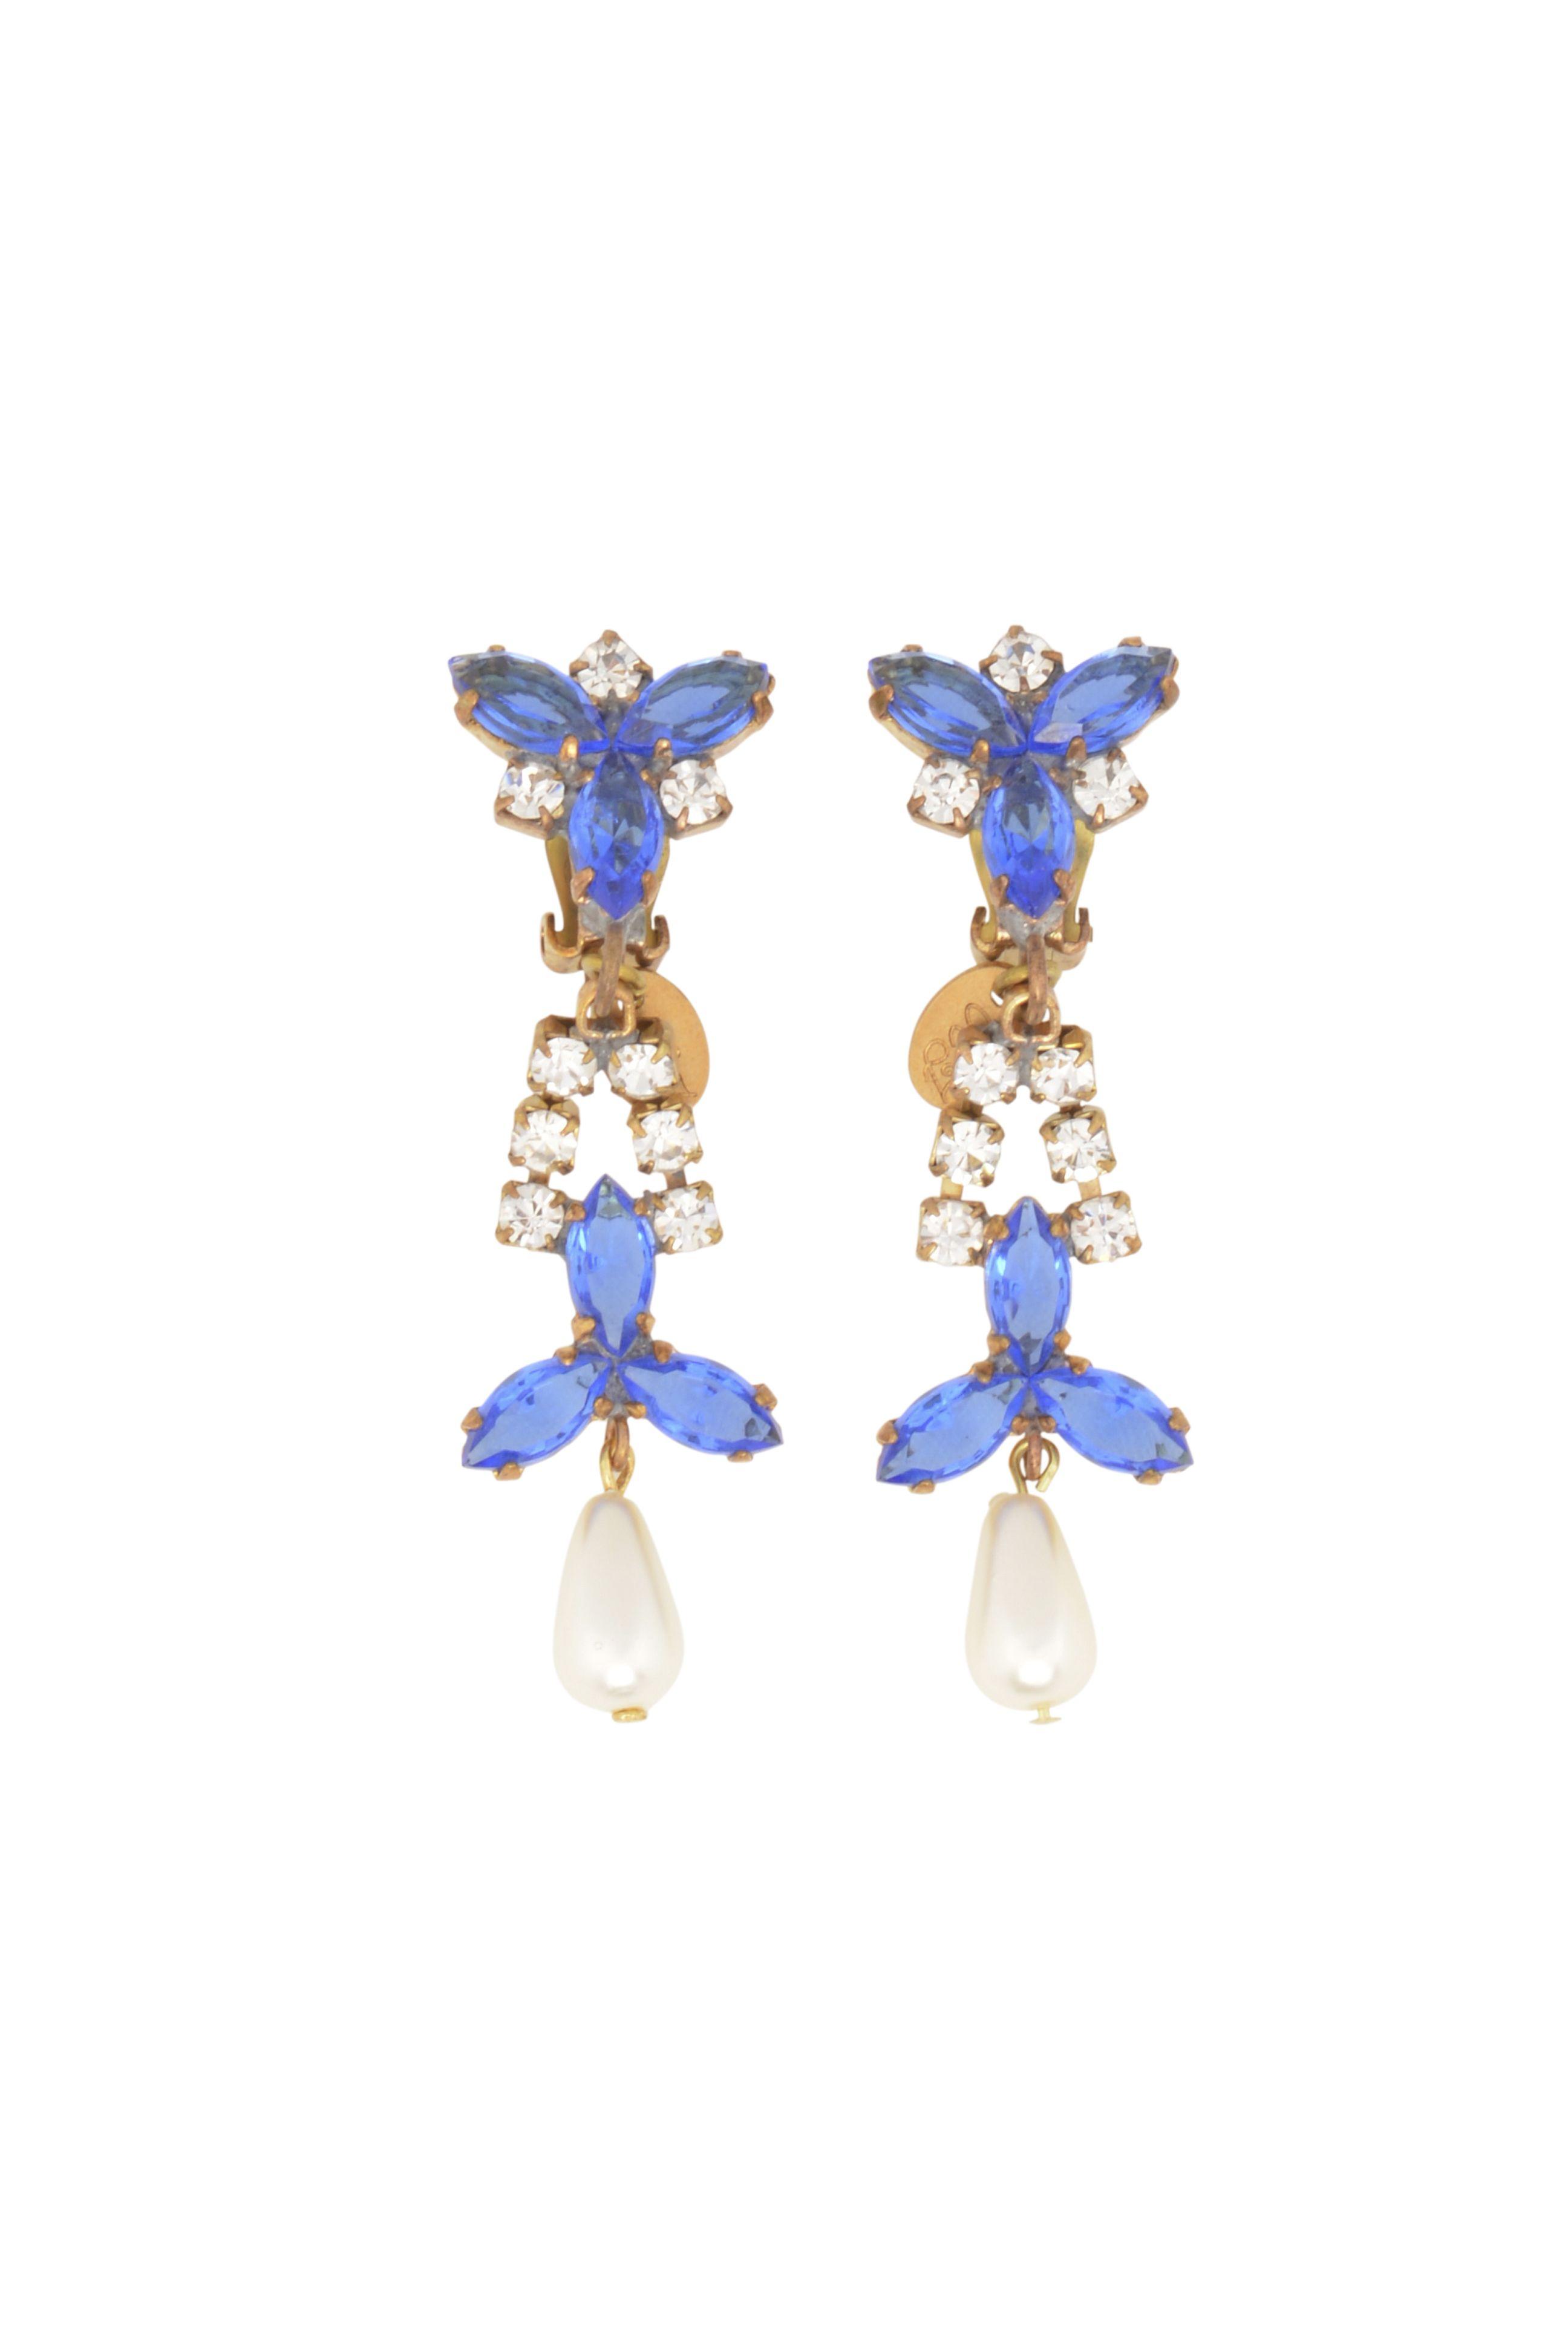 Perlen Ohrringe von Carmen Cita Jones Jewelry im Onlineshop FashionVestis.com kaufen.